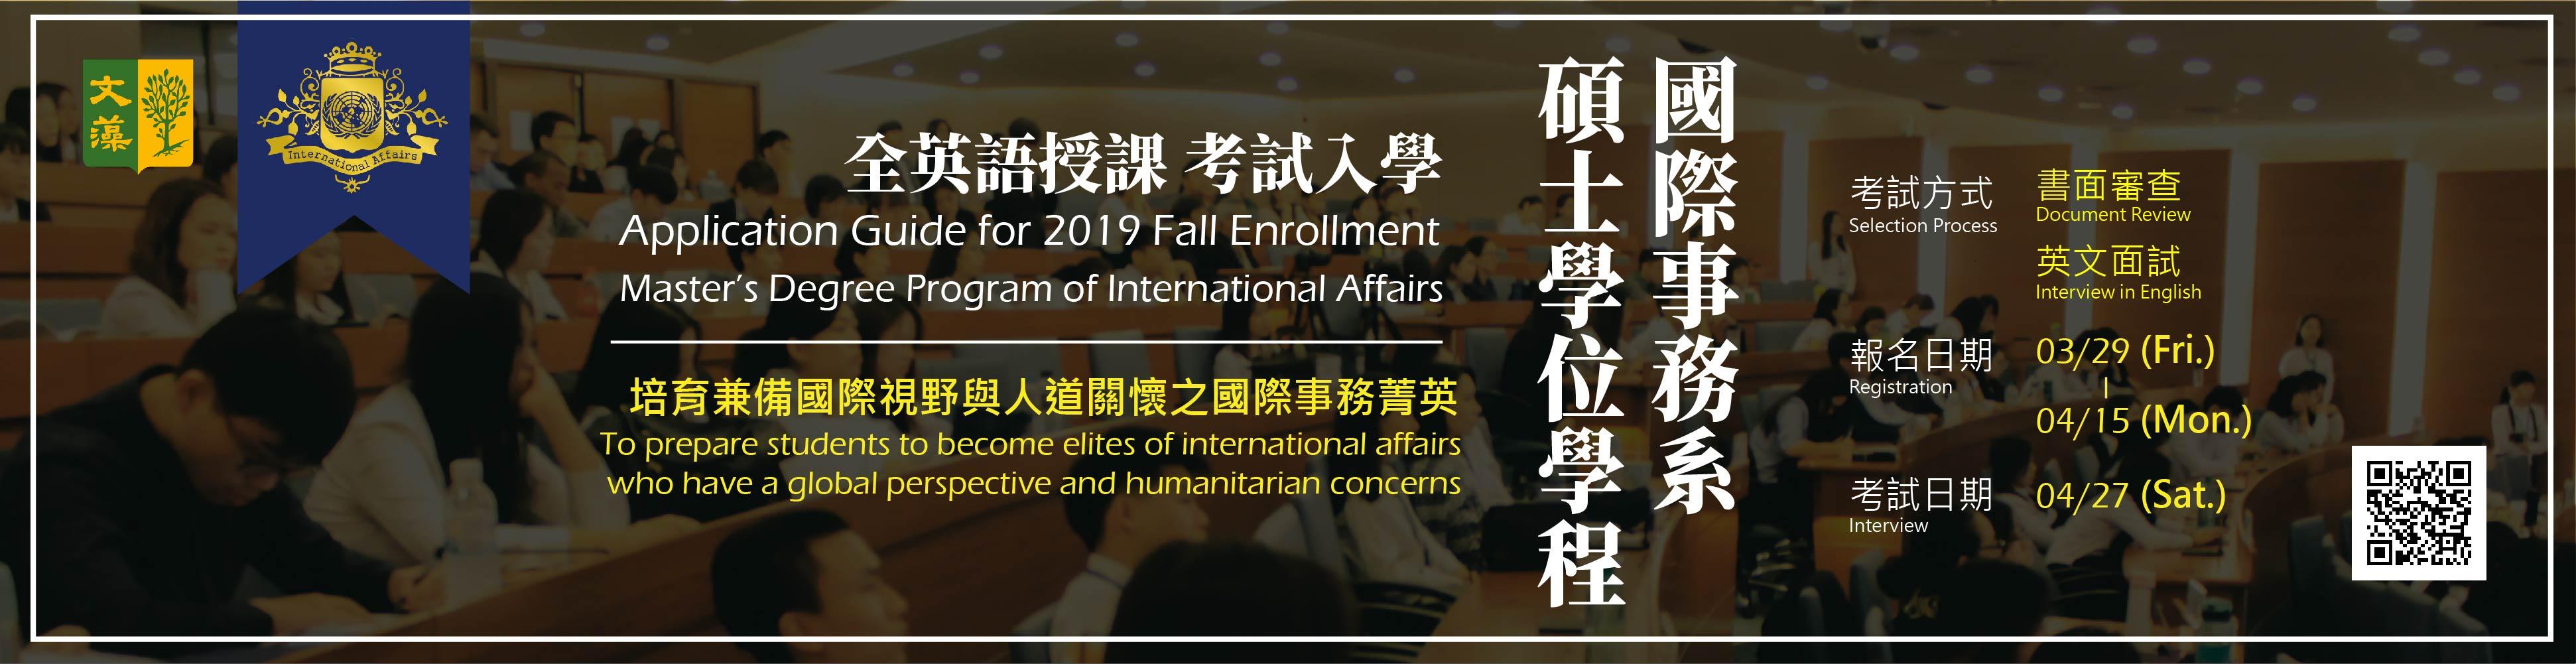 108 學年度國際事務碩士學位學程 考試入學(另開新視窗)